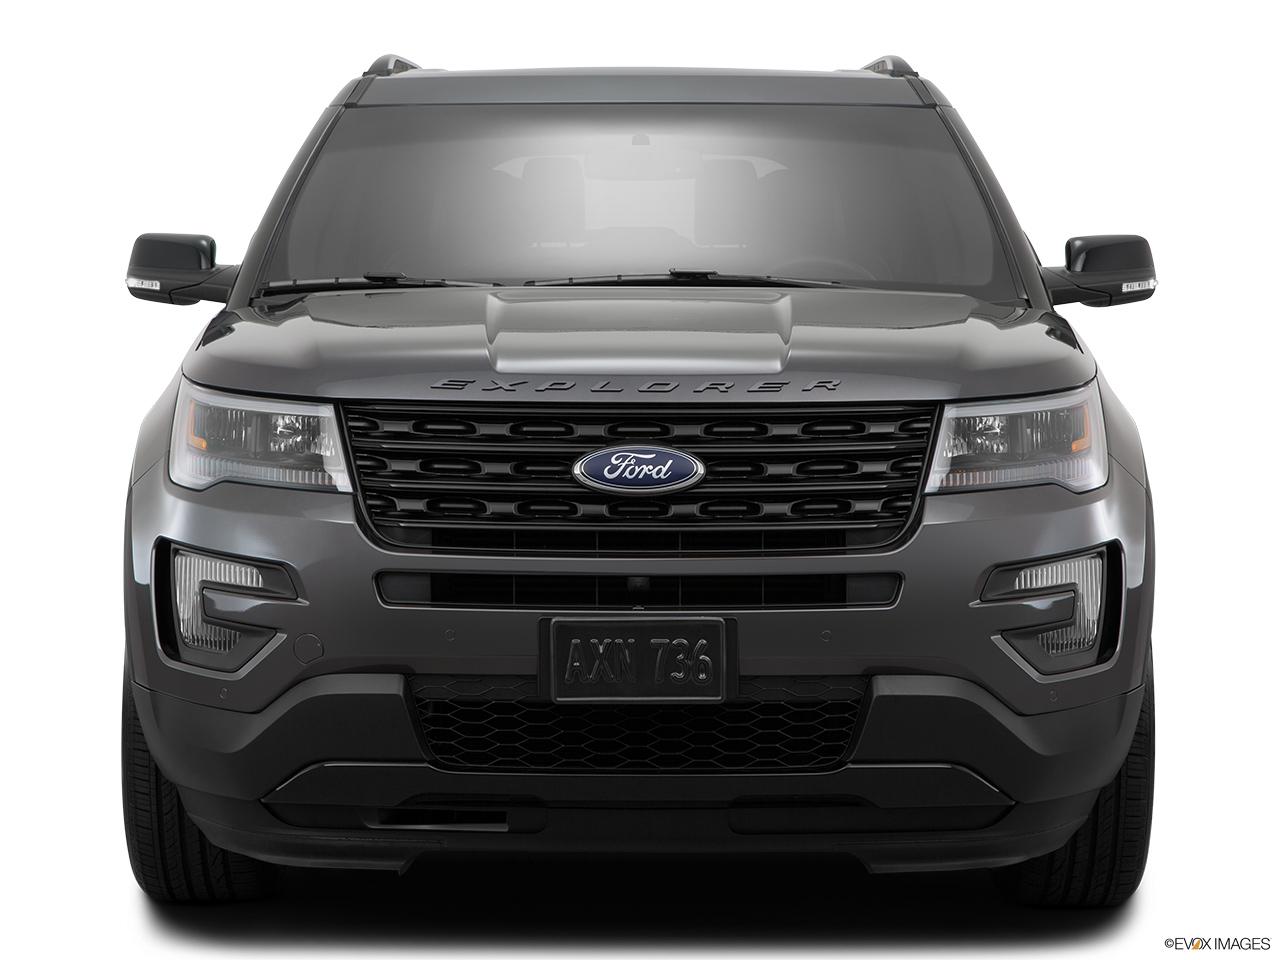 car pictures list for ford explorer 2018 3 5l v6 sport ecoboost uae yallamotor. Black Bedroom Furniture Sets. Home Design Ideas